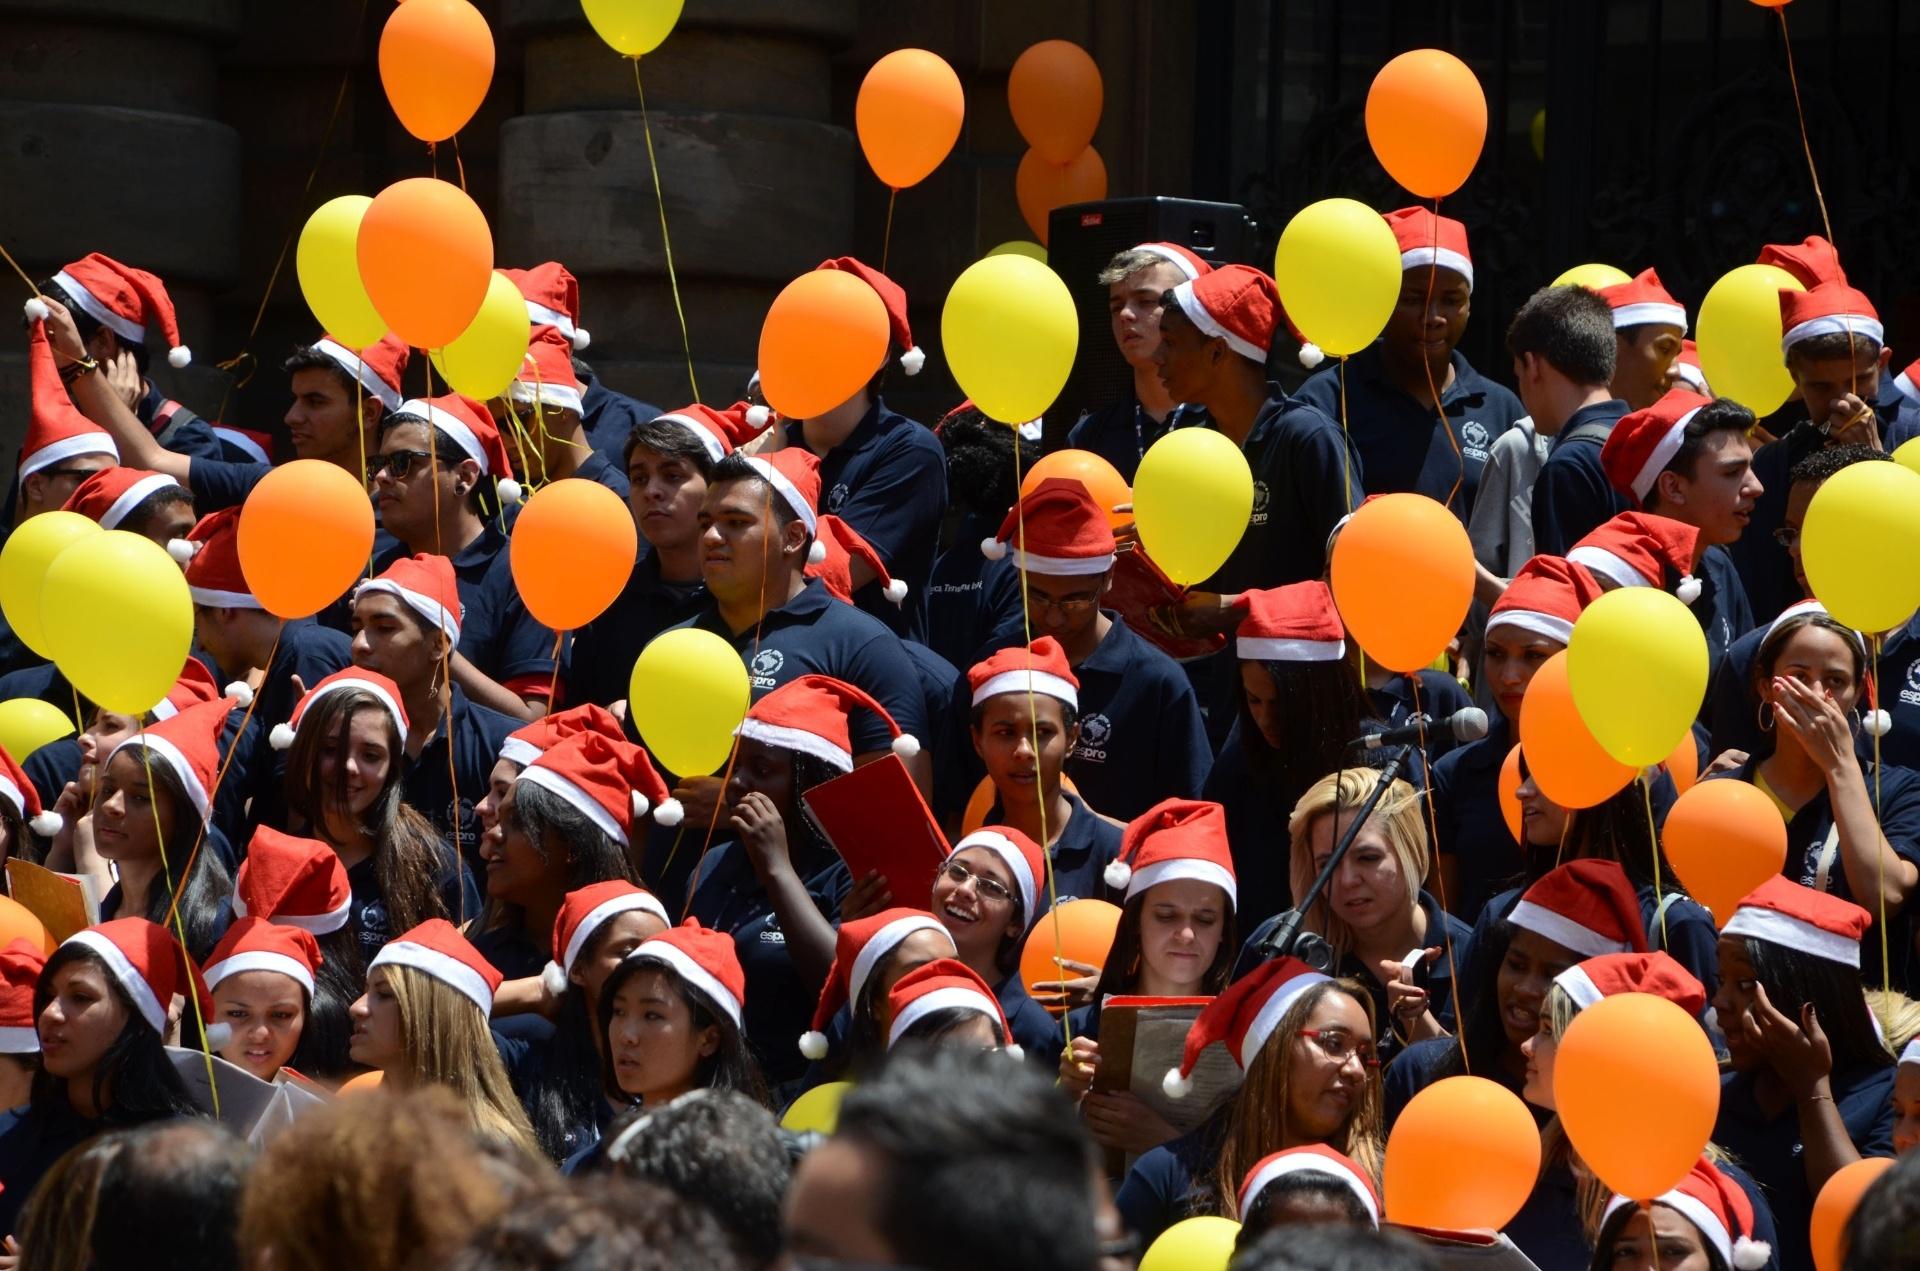 17.dez.2014 - Grupo de adolescentes da ONG ESPRO (Ensino Social Profissionalizante) canta nas escadarias do Theatro Municipal, no centro de São Paulo, nesta quarta-feira (17). Todos os anos, o grupo se reúne no local para apresentar músicas natalinas e pop rock